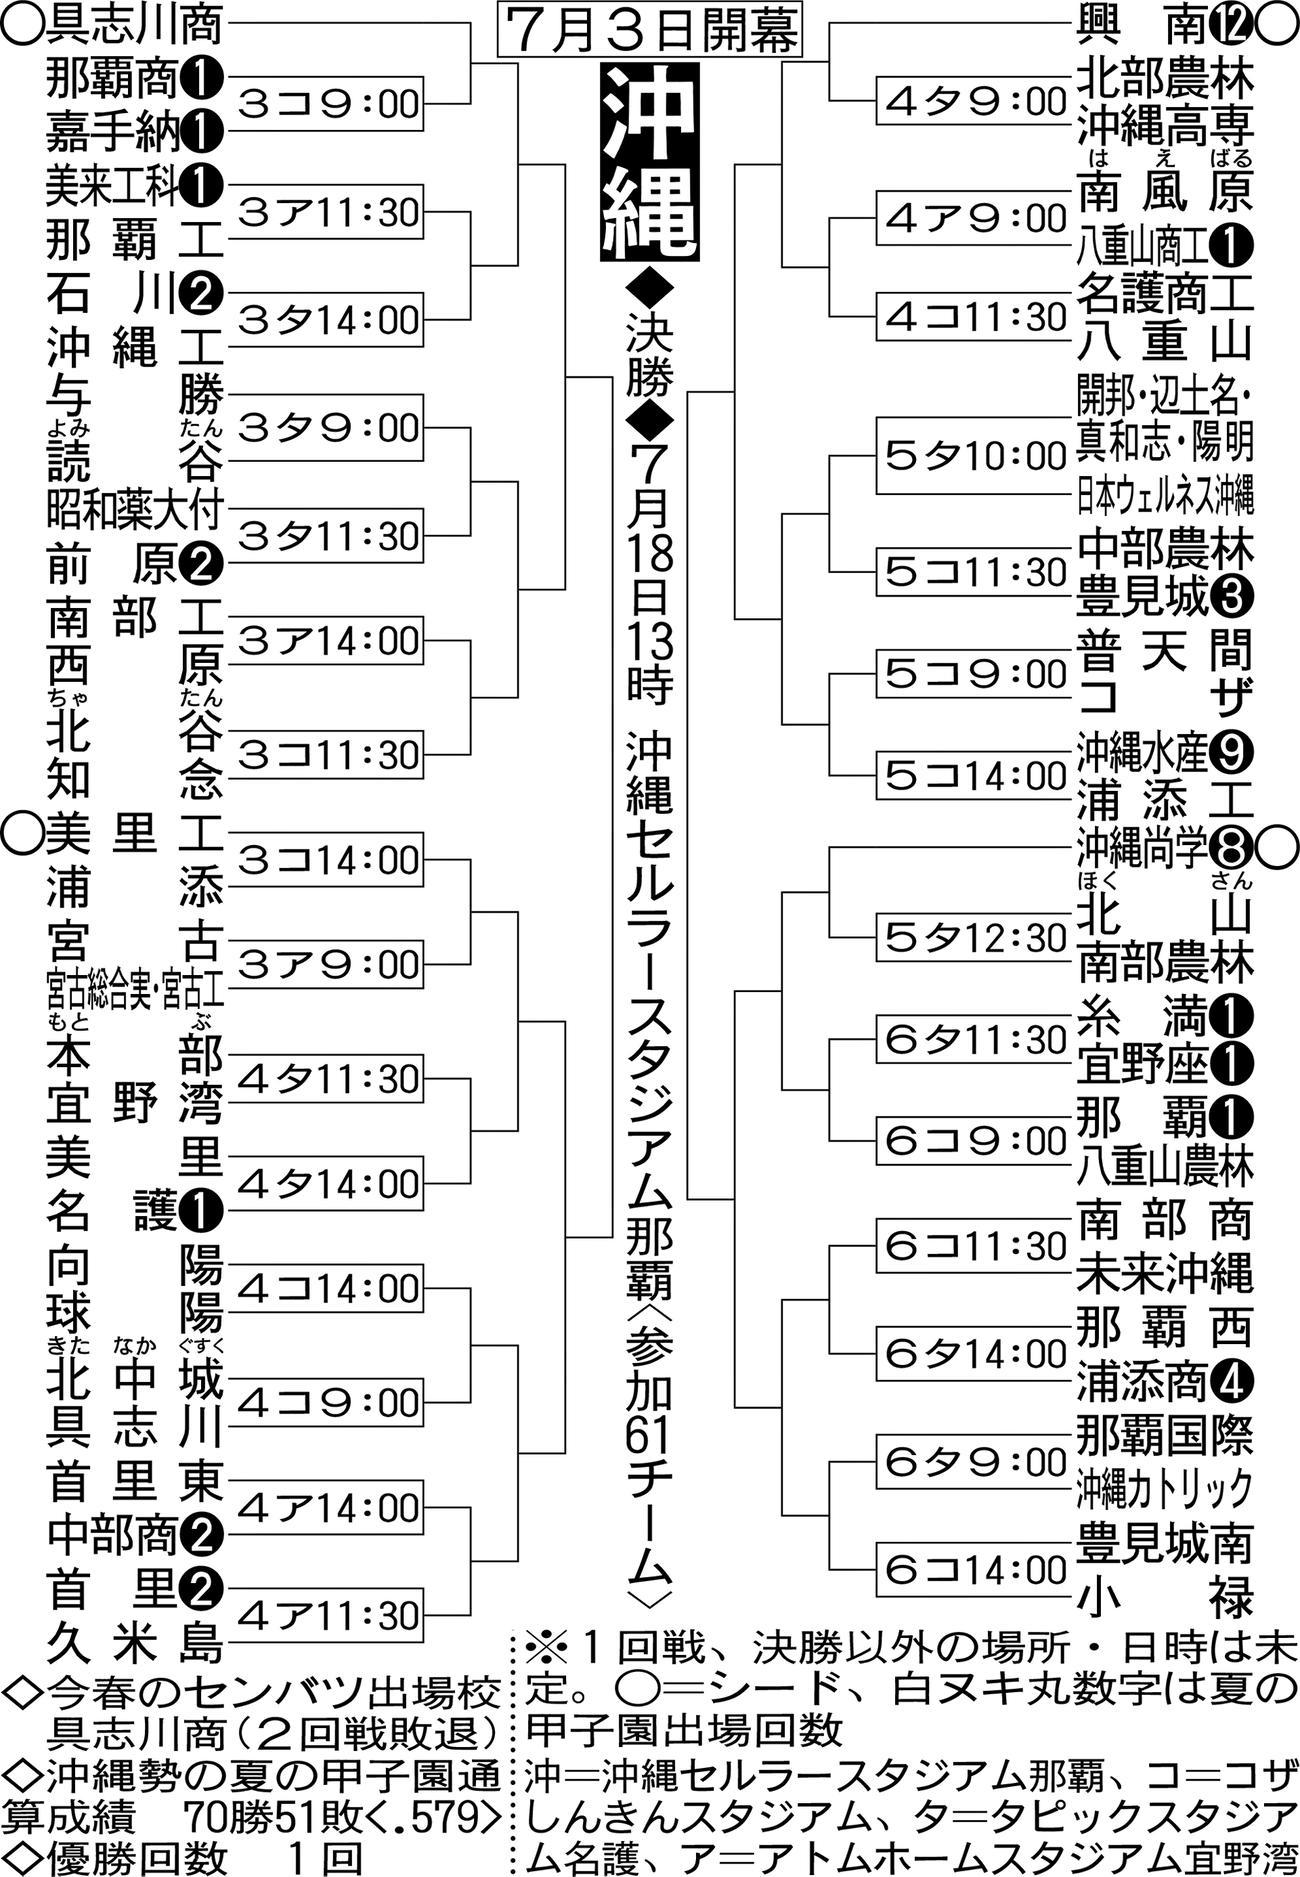 沖縄大会の組み合わせ